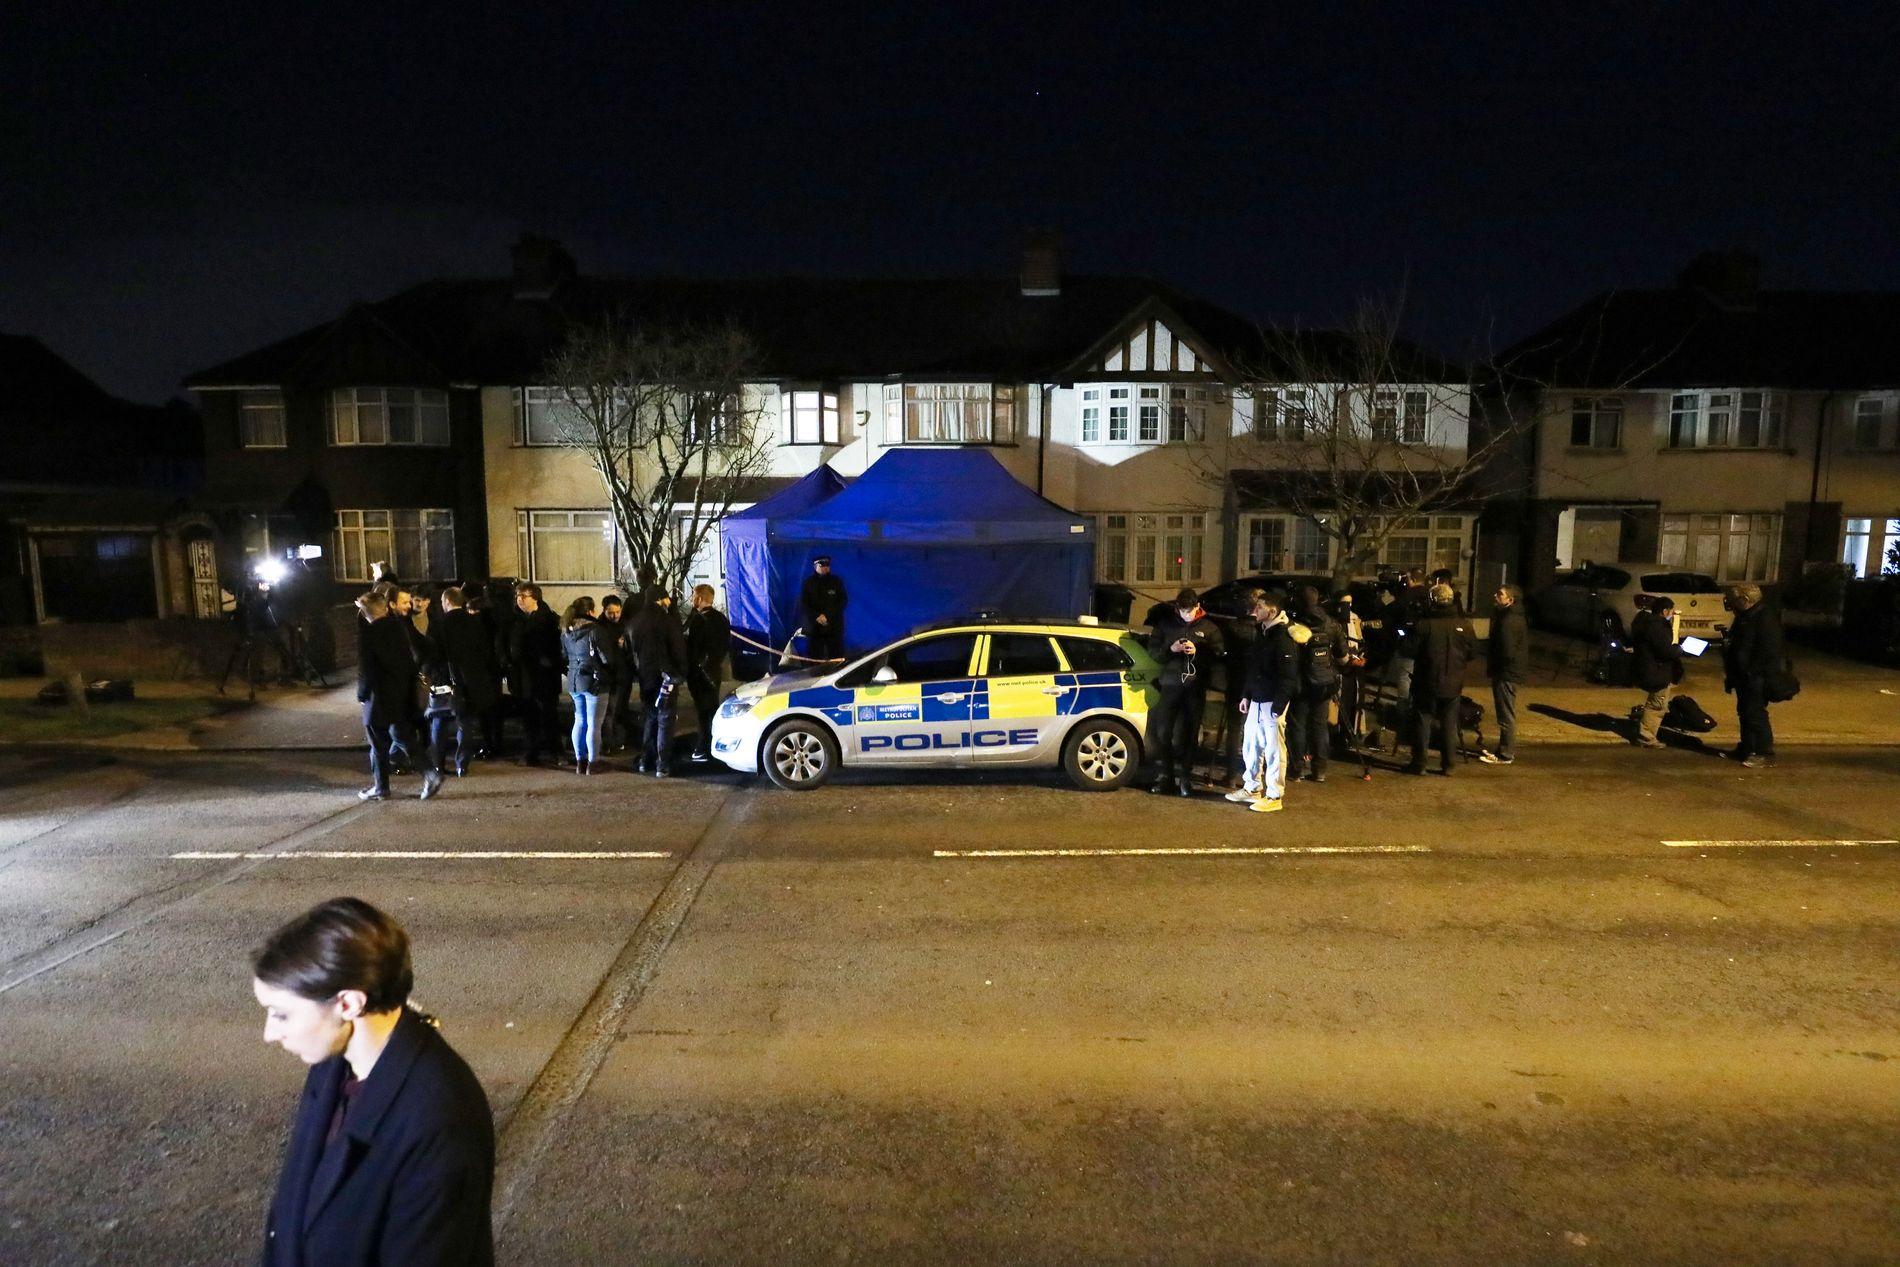 ETTERFORSKER:  Politiet rykket ut til en privat adresse i London i forbindelse med dødsfallet tirsdag. Blå telt og flere politibiler omringet huset tirsdag kveld.